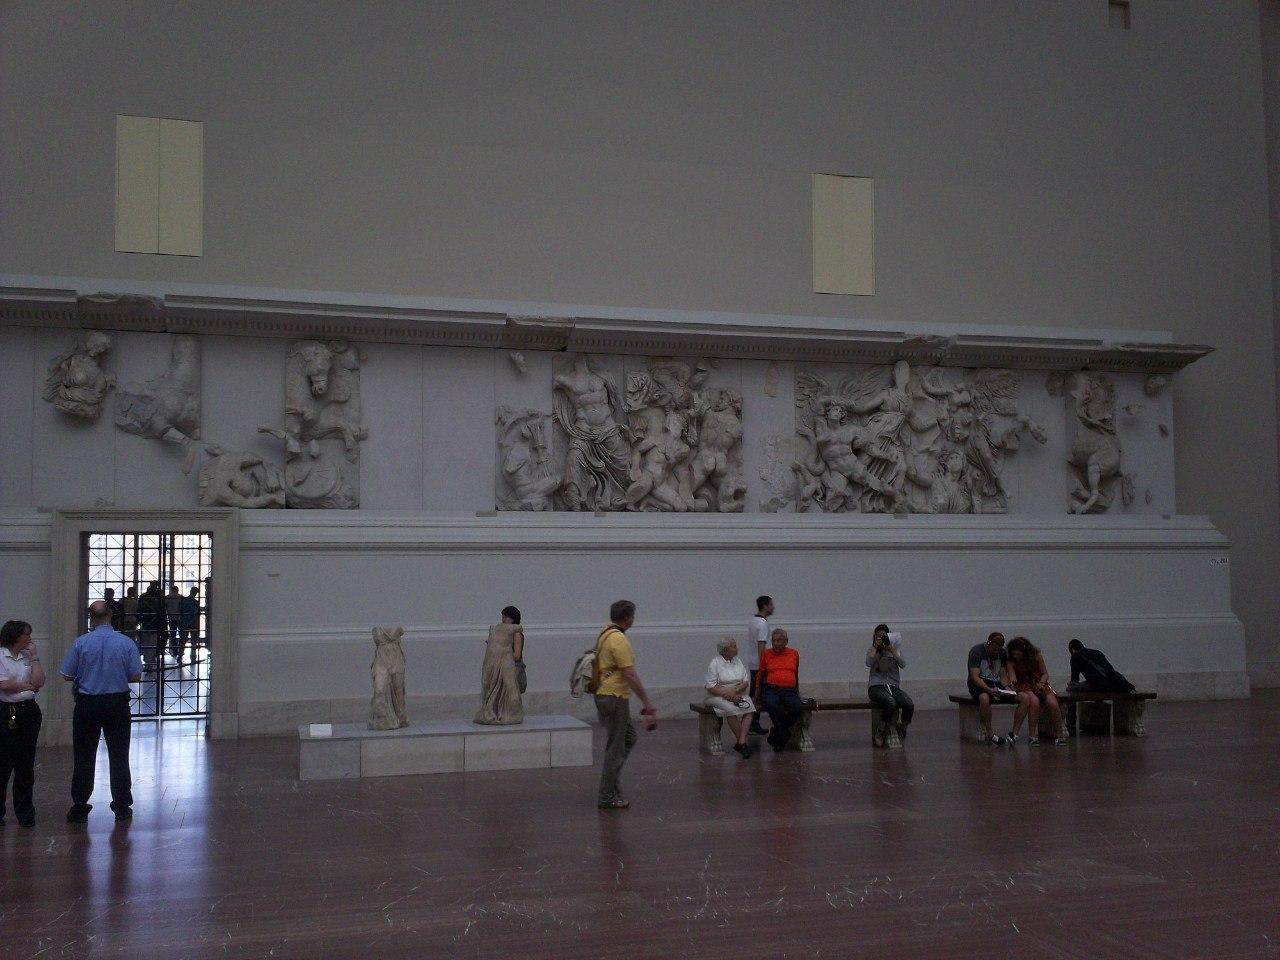 Елена Руденко. Германия. Берлин. Музей Пергамон. 2013 г. июнь. T65UbGa6q2w